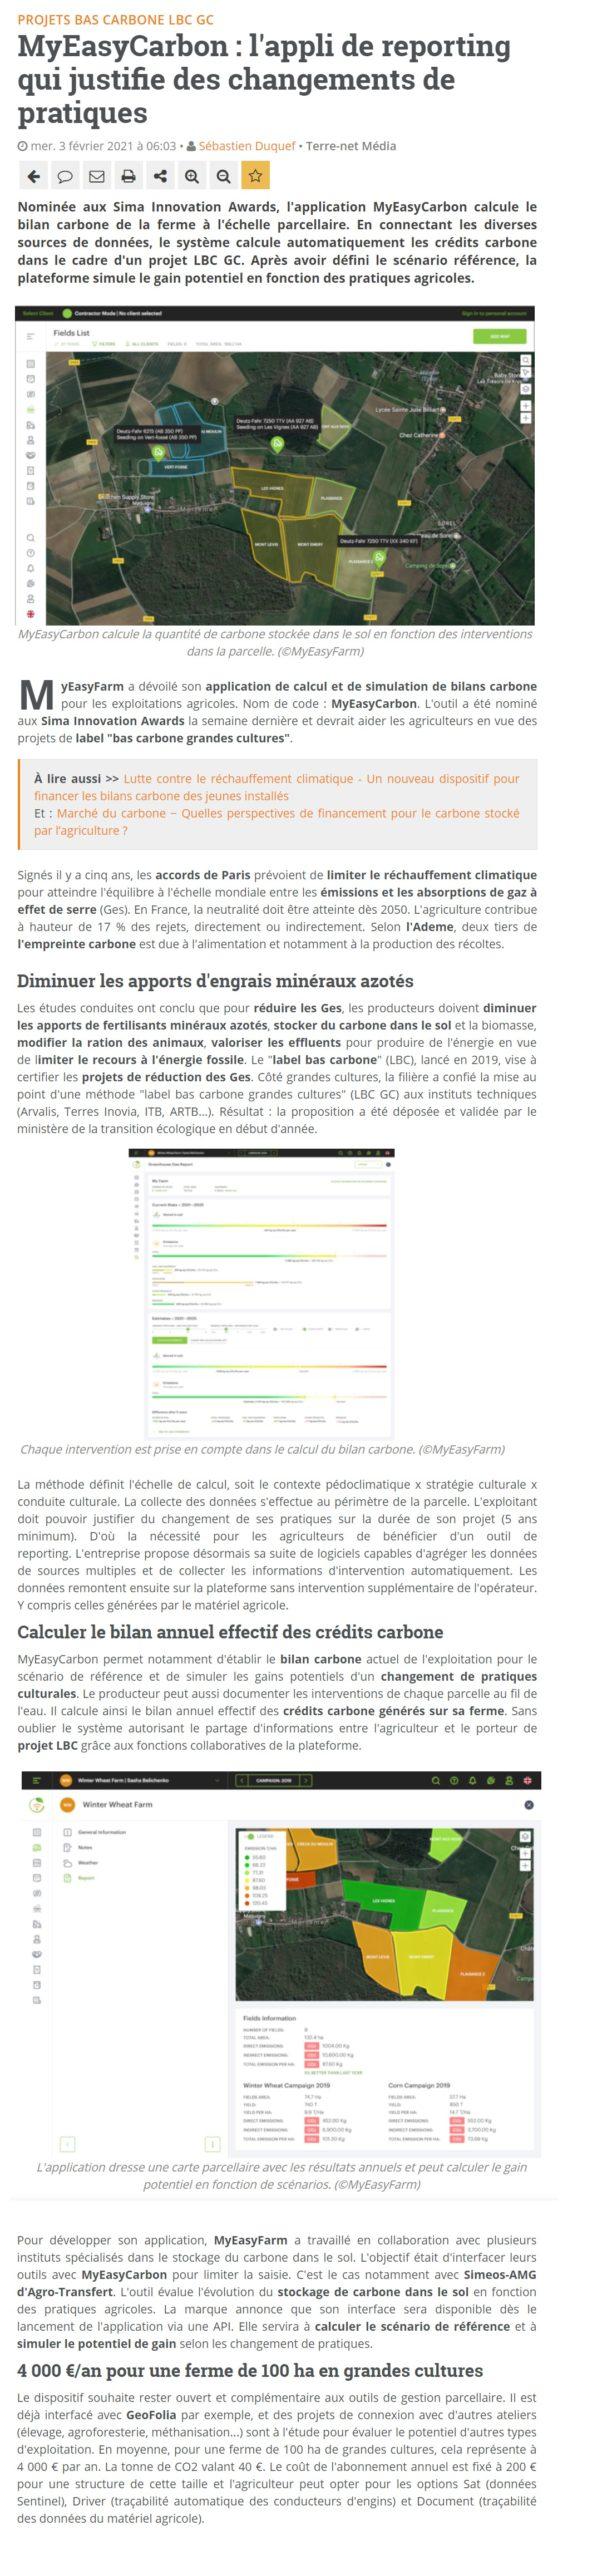 MyEasyCarbon : l'appli de reporting qui justifie des changements de pratiques - article de Terre-net